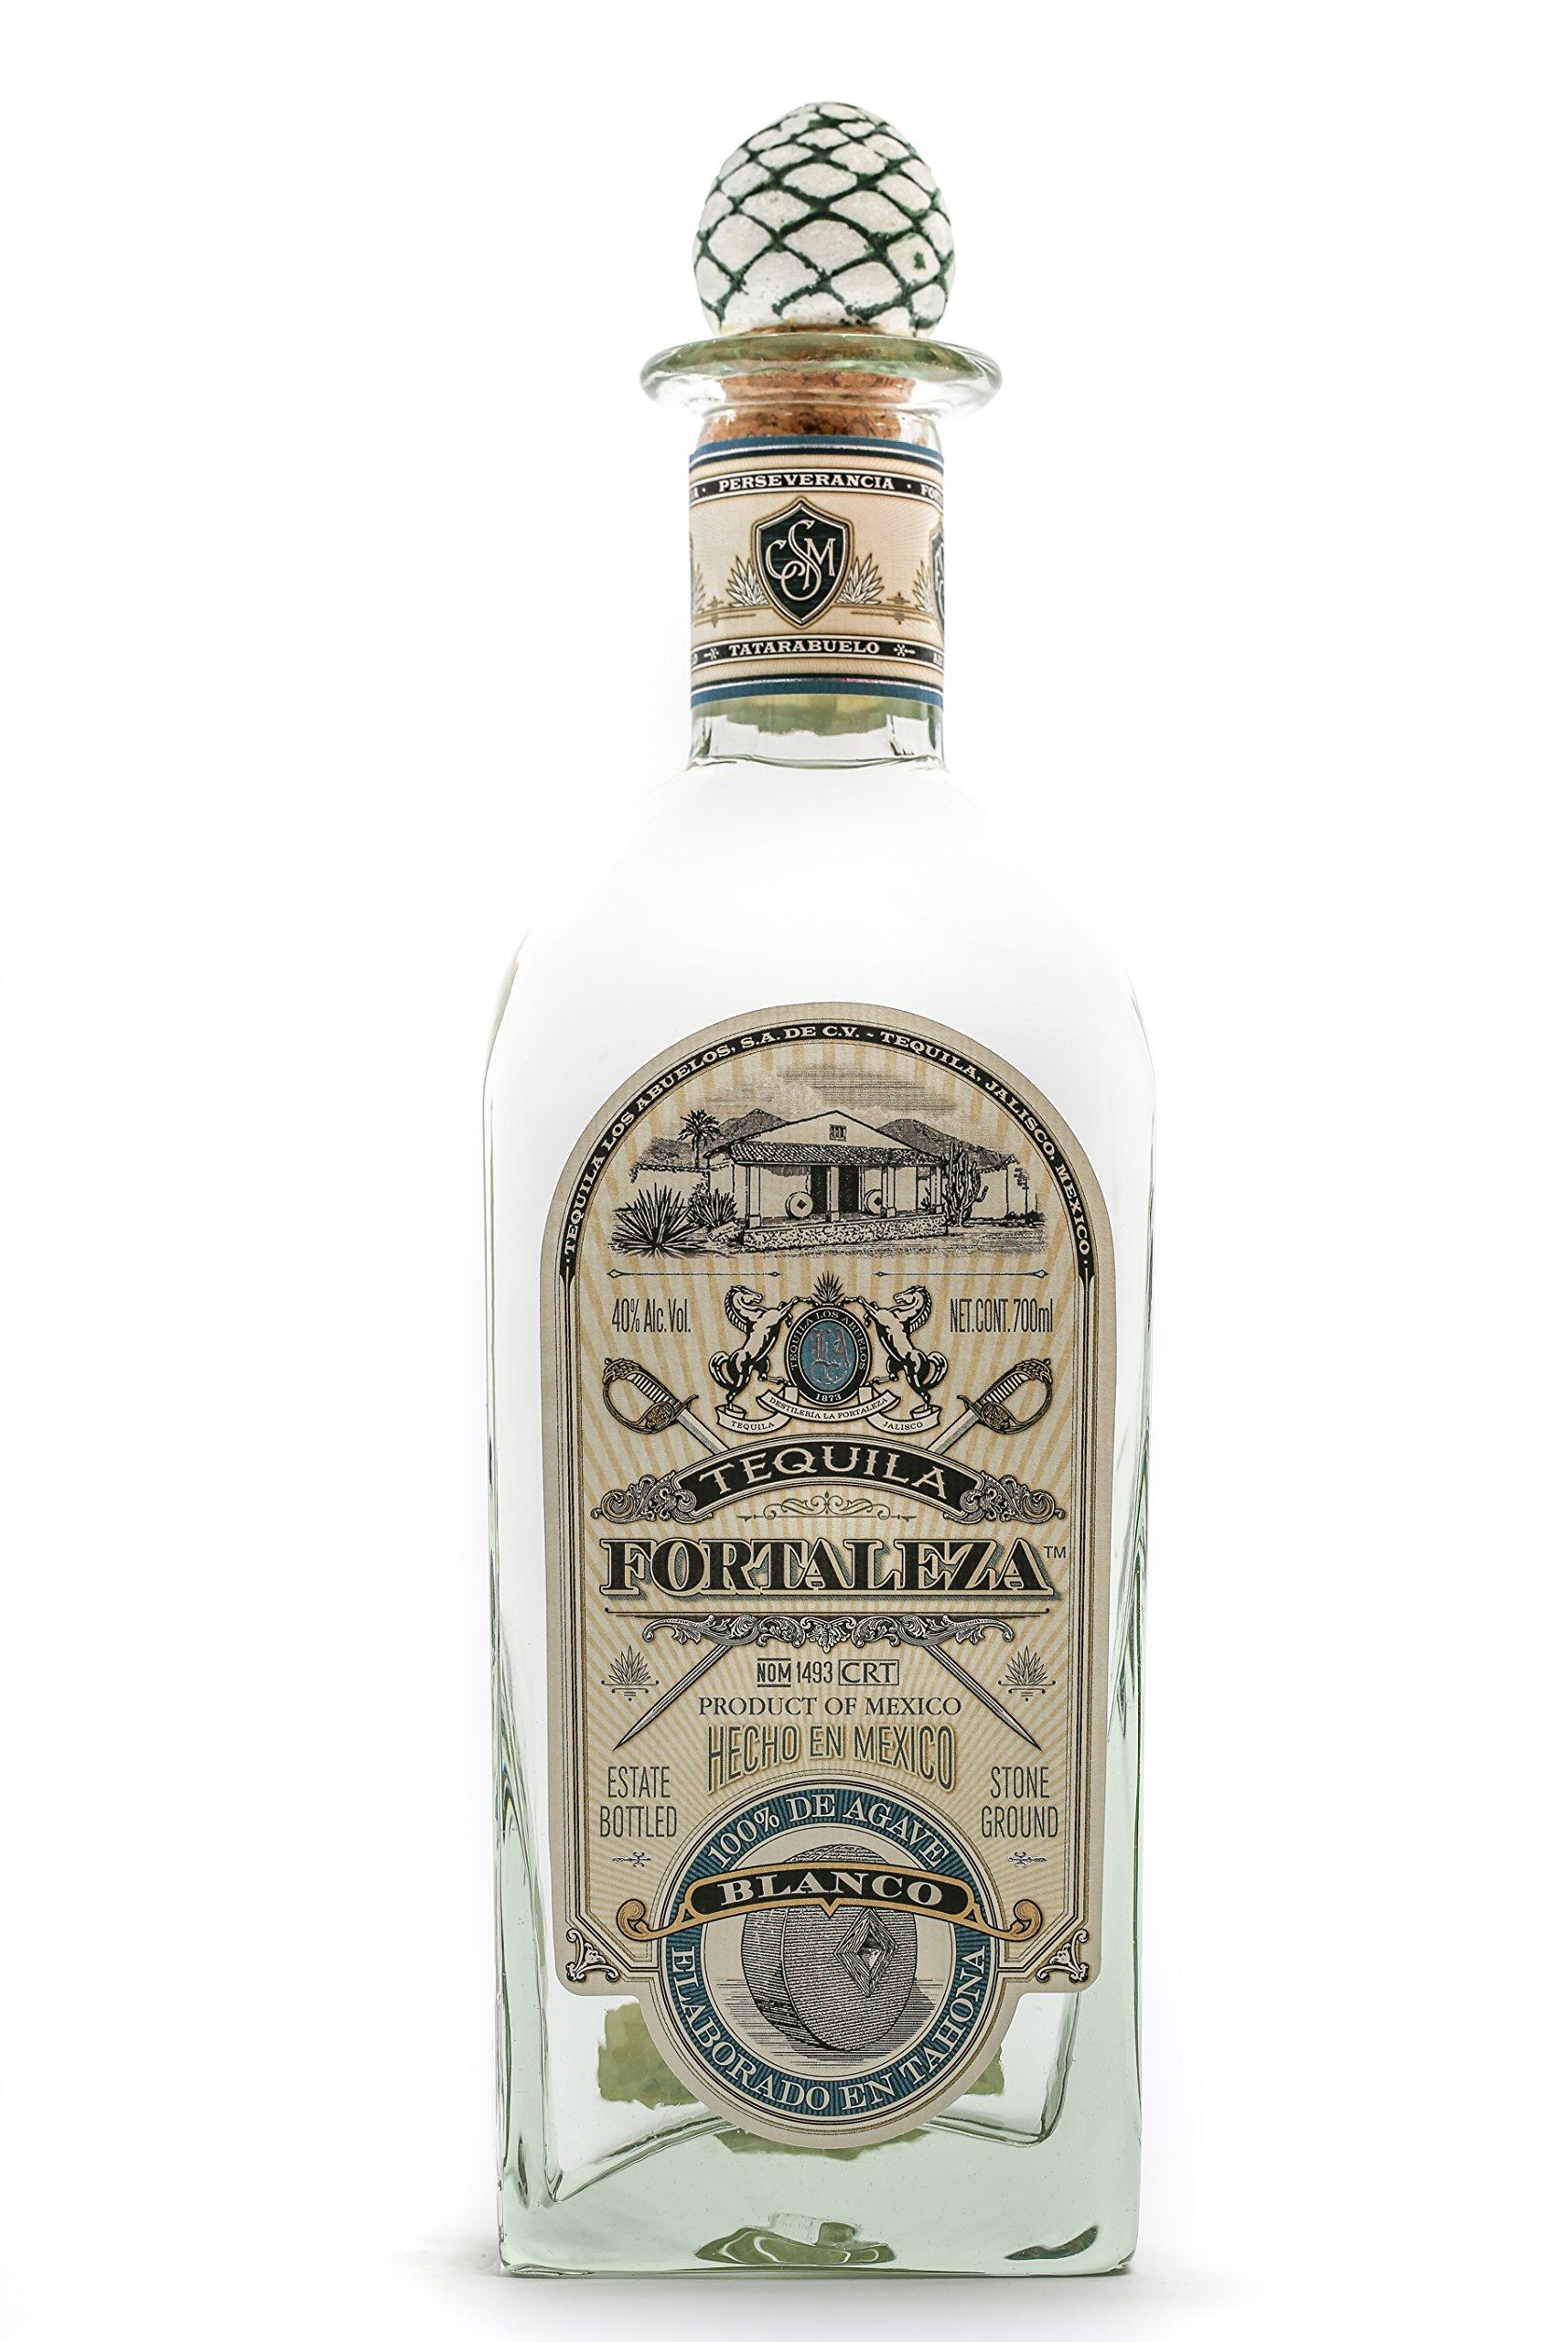 Fortaleza-Blanco-Tequila-07L